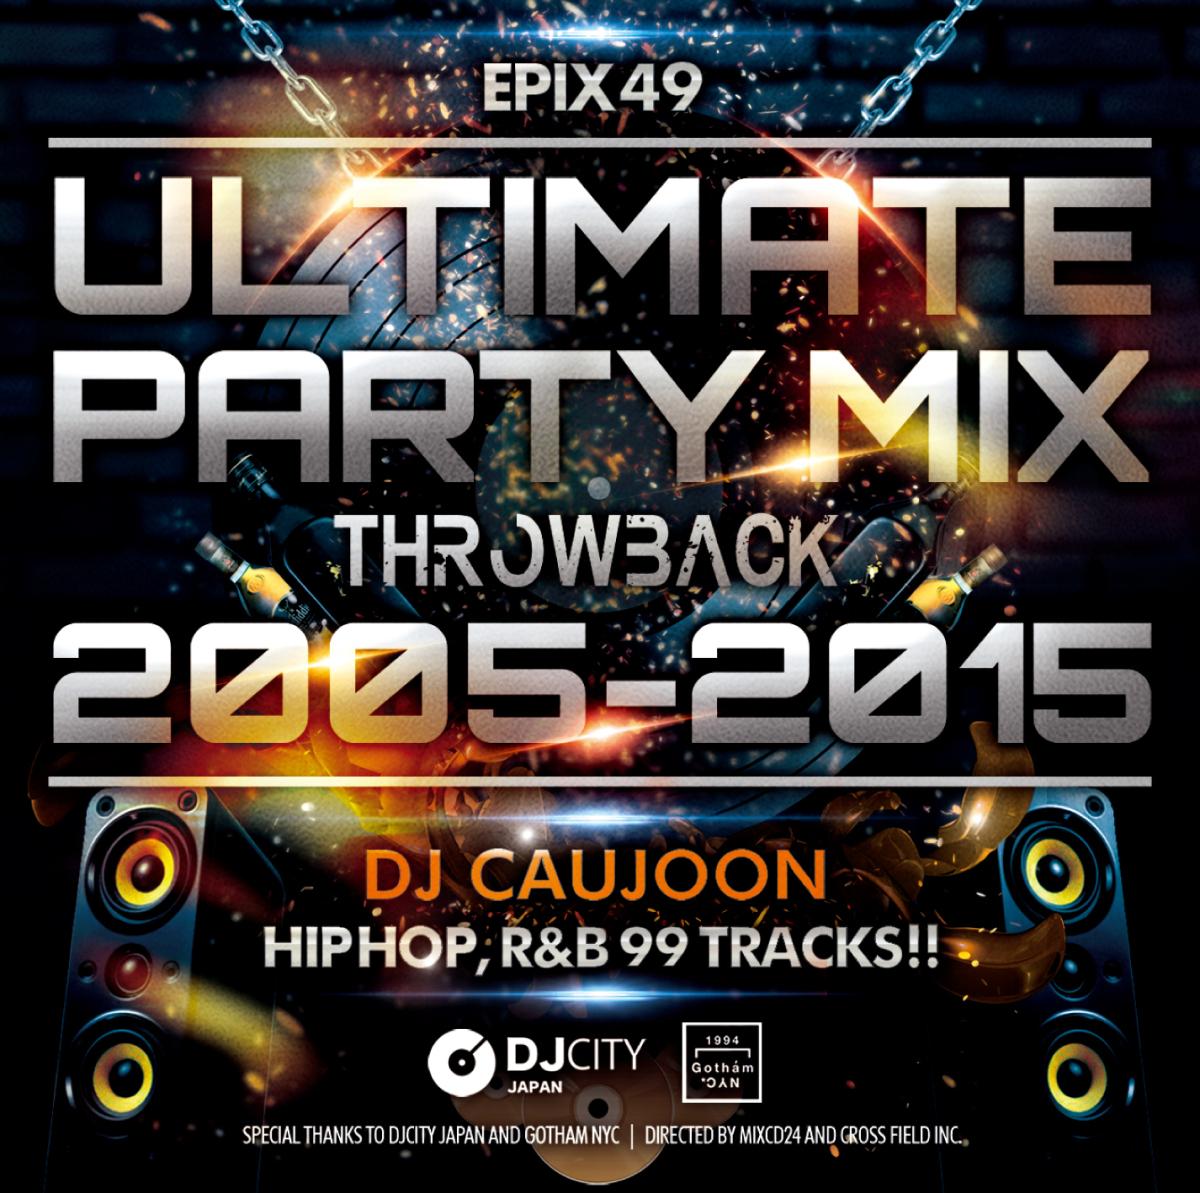 2000年代 パーティー メガミックス DJコージュンEpix 49 -Ultimate Party Mix ( Throwback 2005~2015 ) / DJ Caujoon